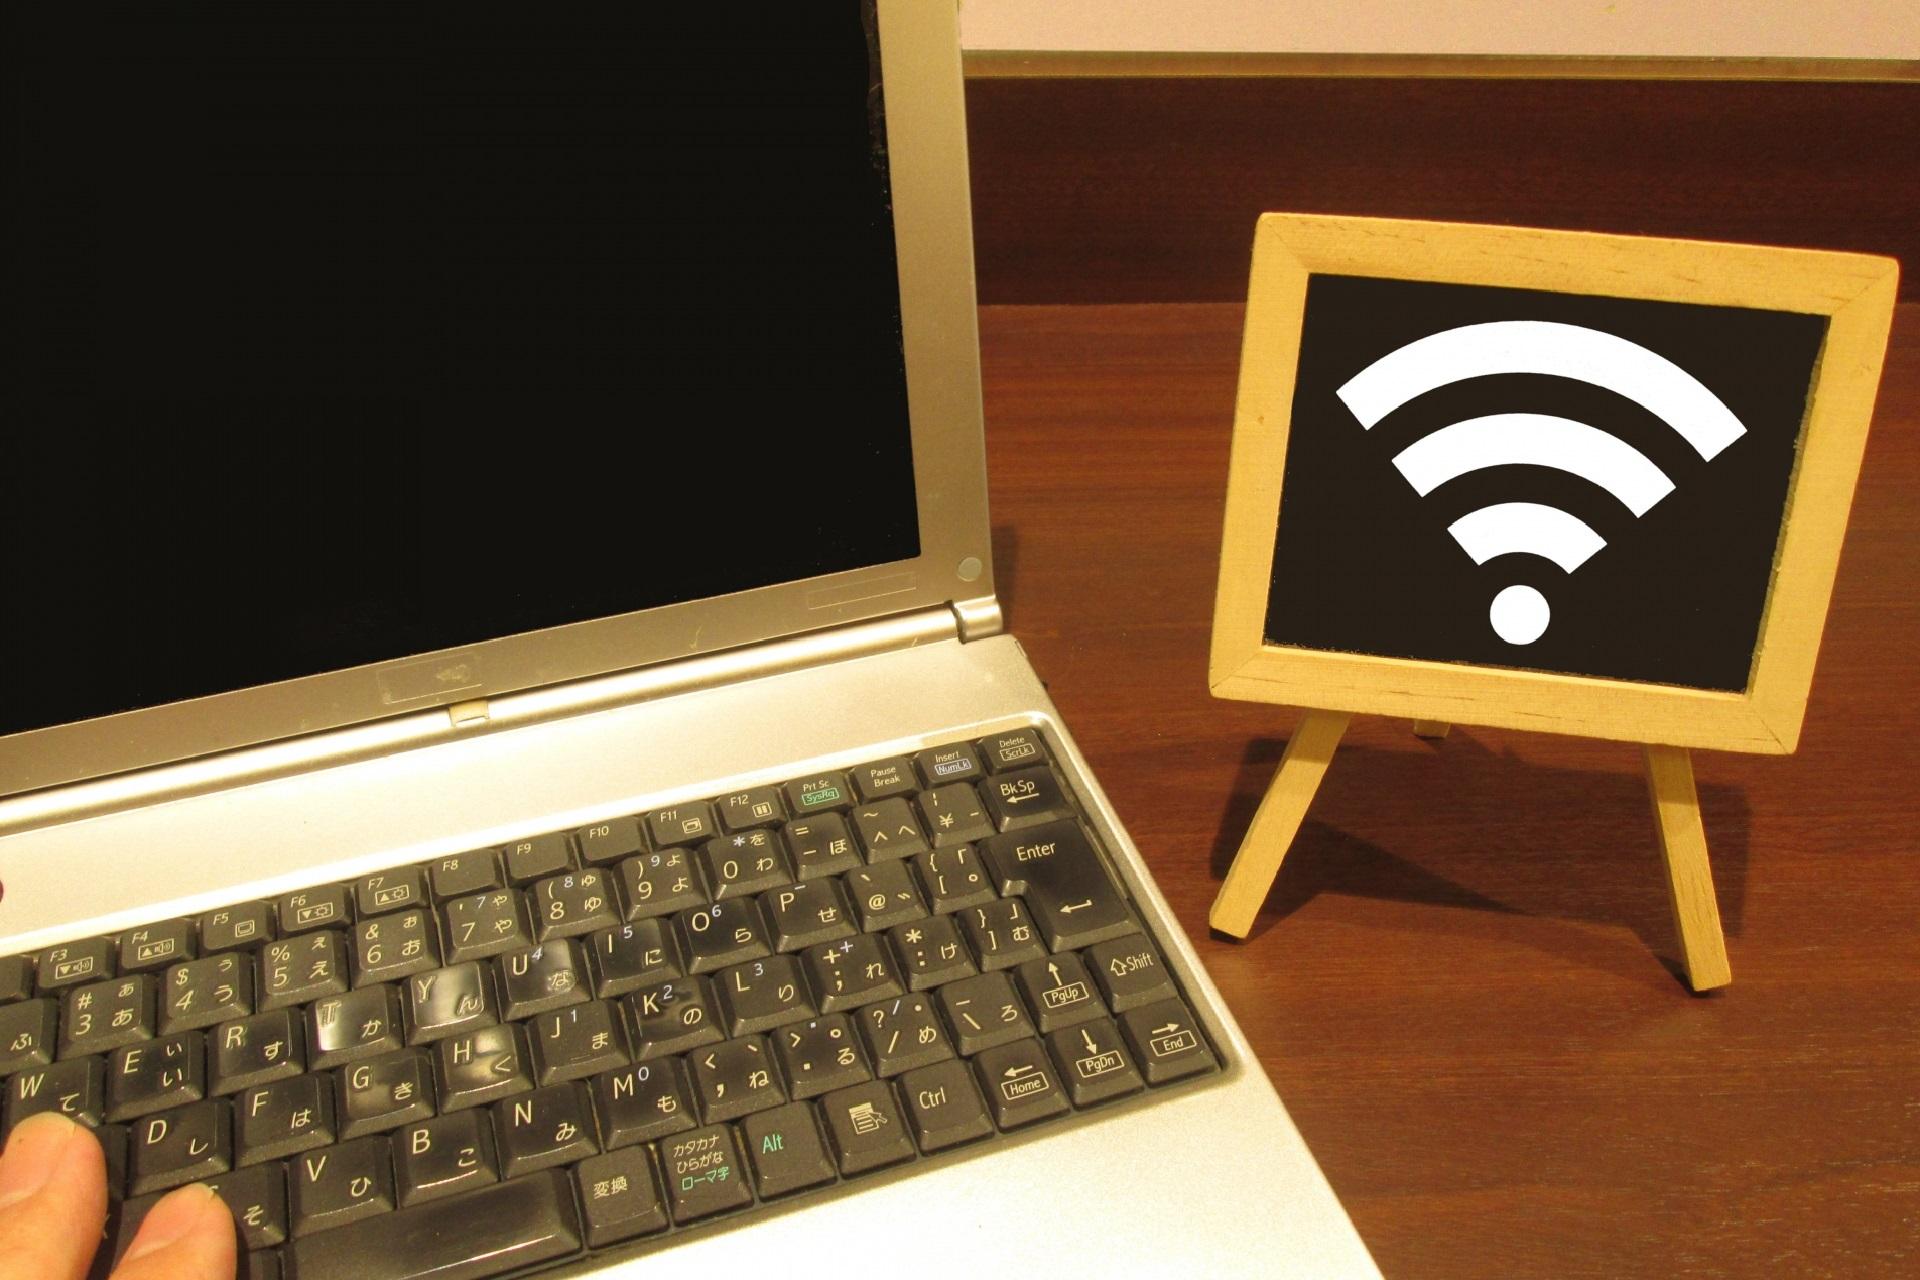 Wi fi 繋がっ てる の に ネット 繋がら ない パソコン